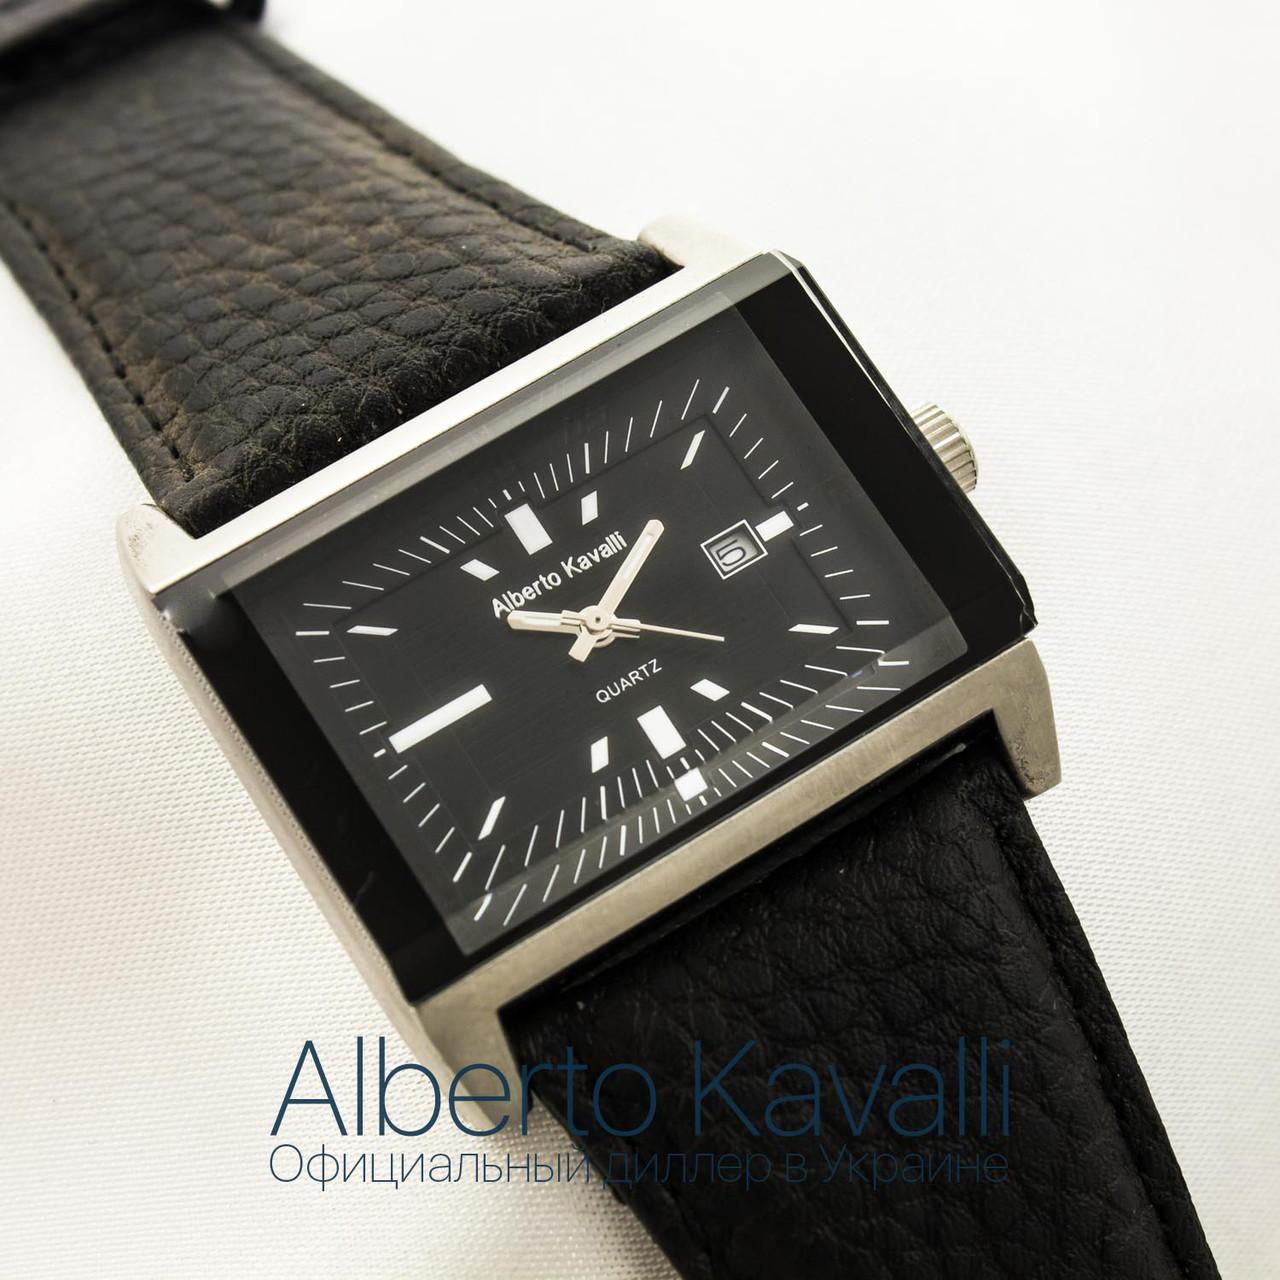 Мужские оригинальные часы Alberto Kavalli silver black 3377-1340 -  megastore.net.ua 6aff10185f867